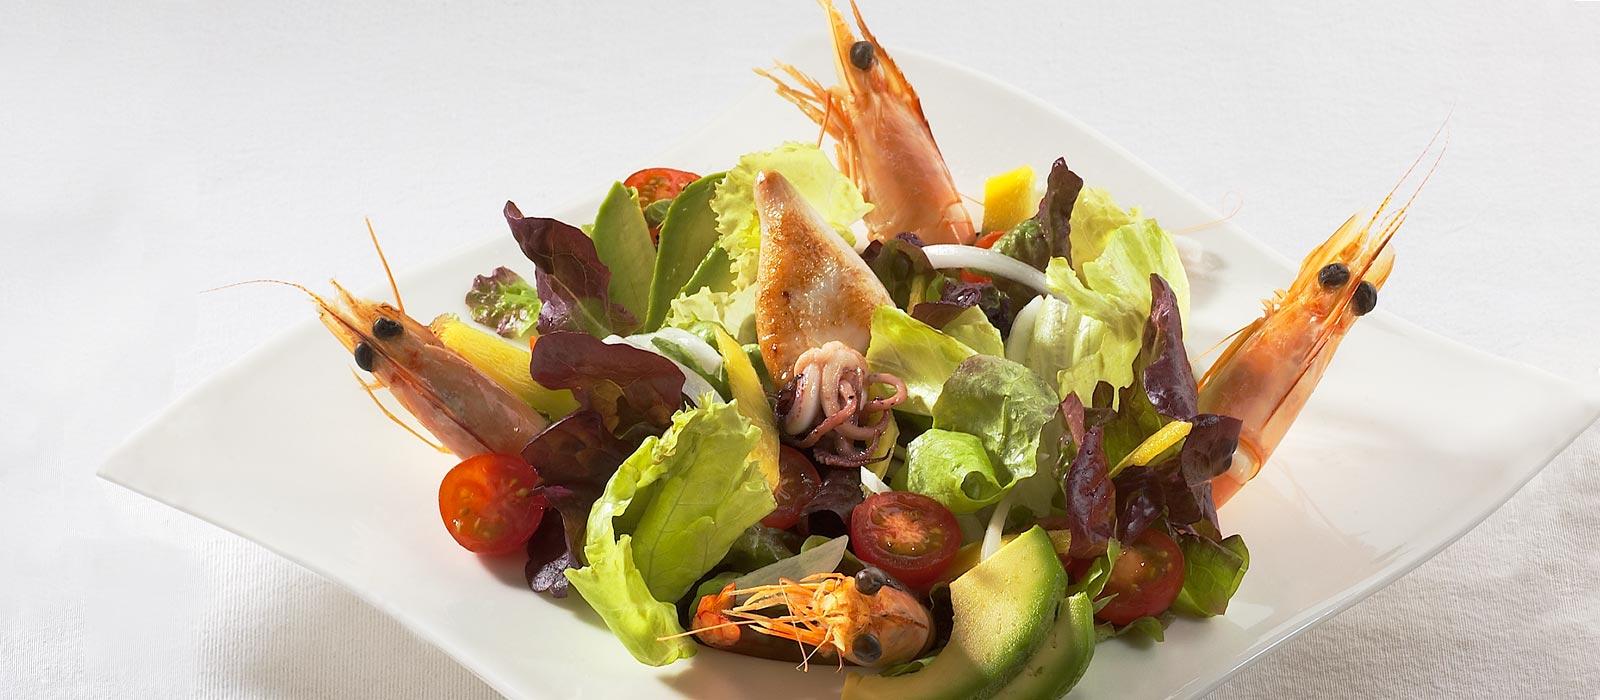 ensalada-lagostinos-la-vina-donostia